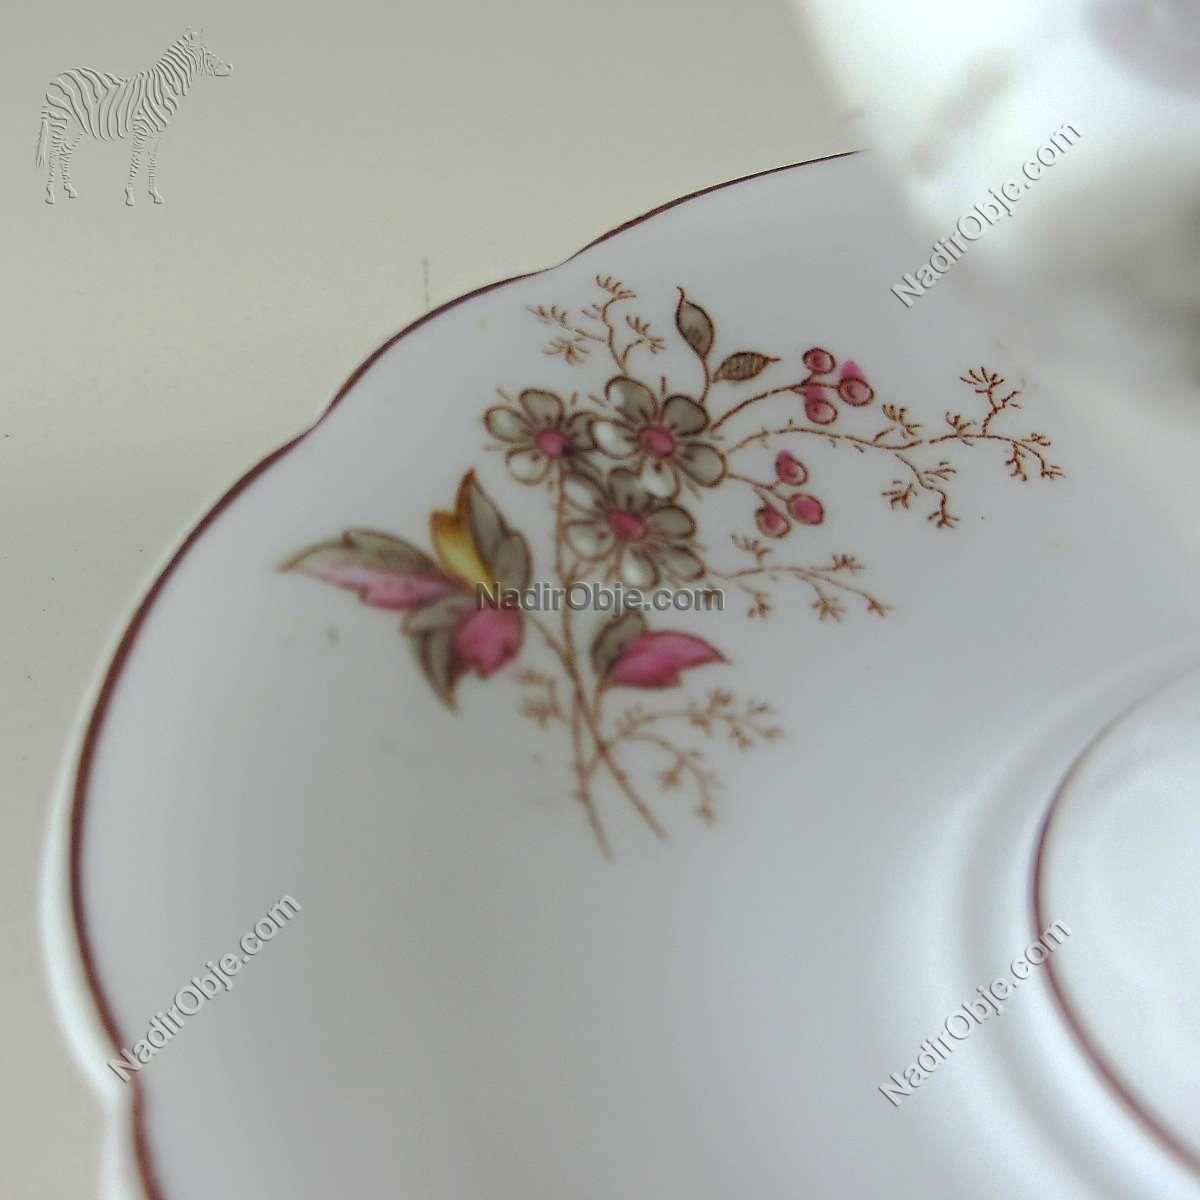 Porselen Dekoratif Çömlek Seramik-Porselen Objeler Çömlek